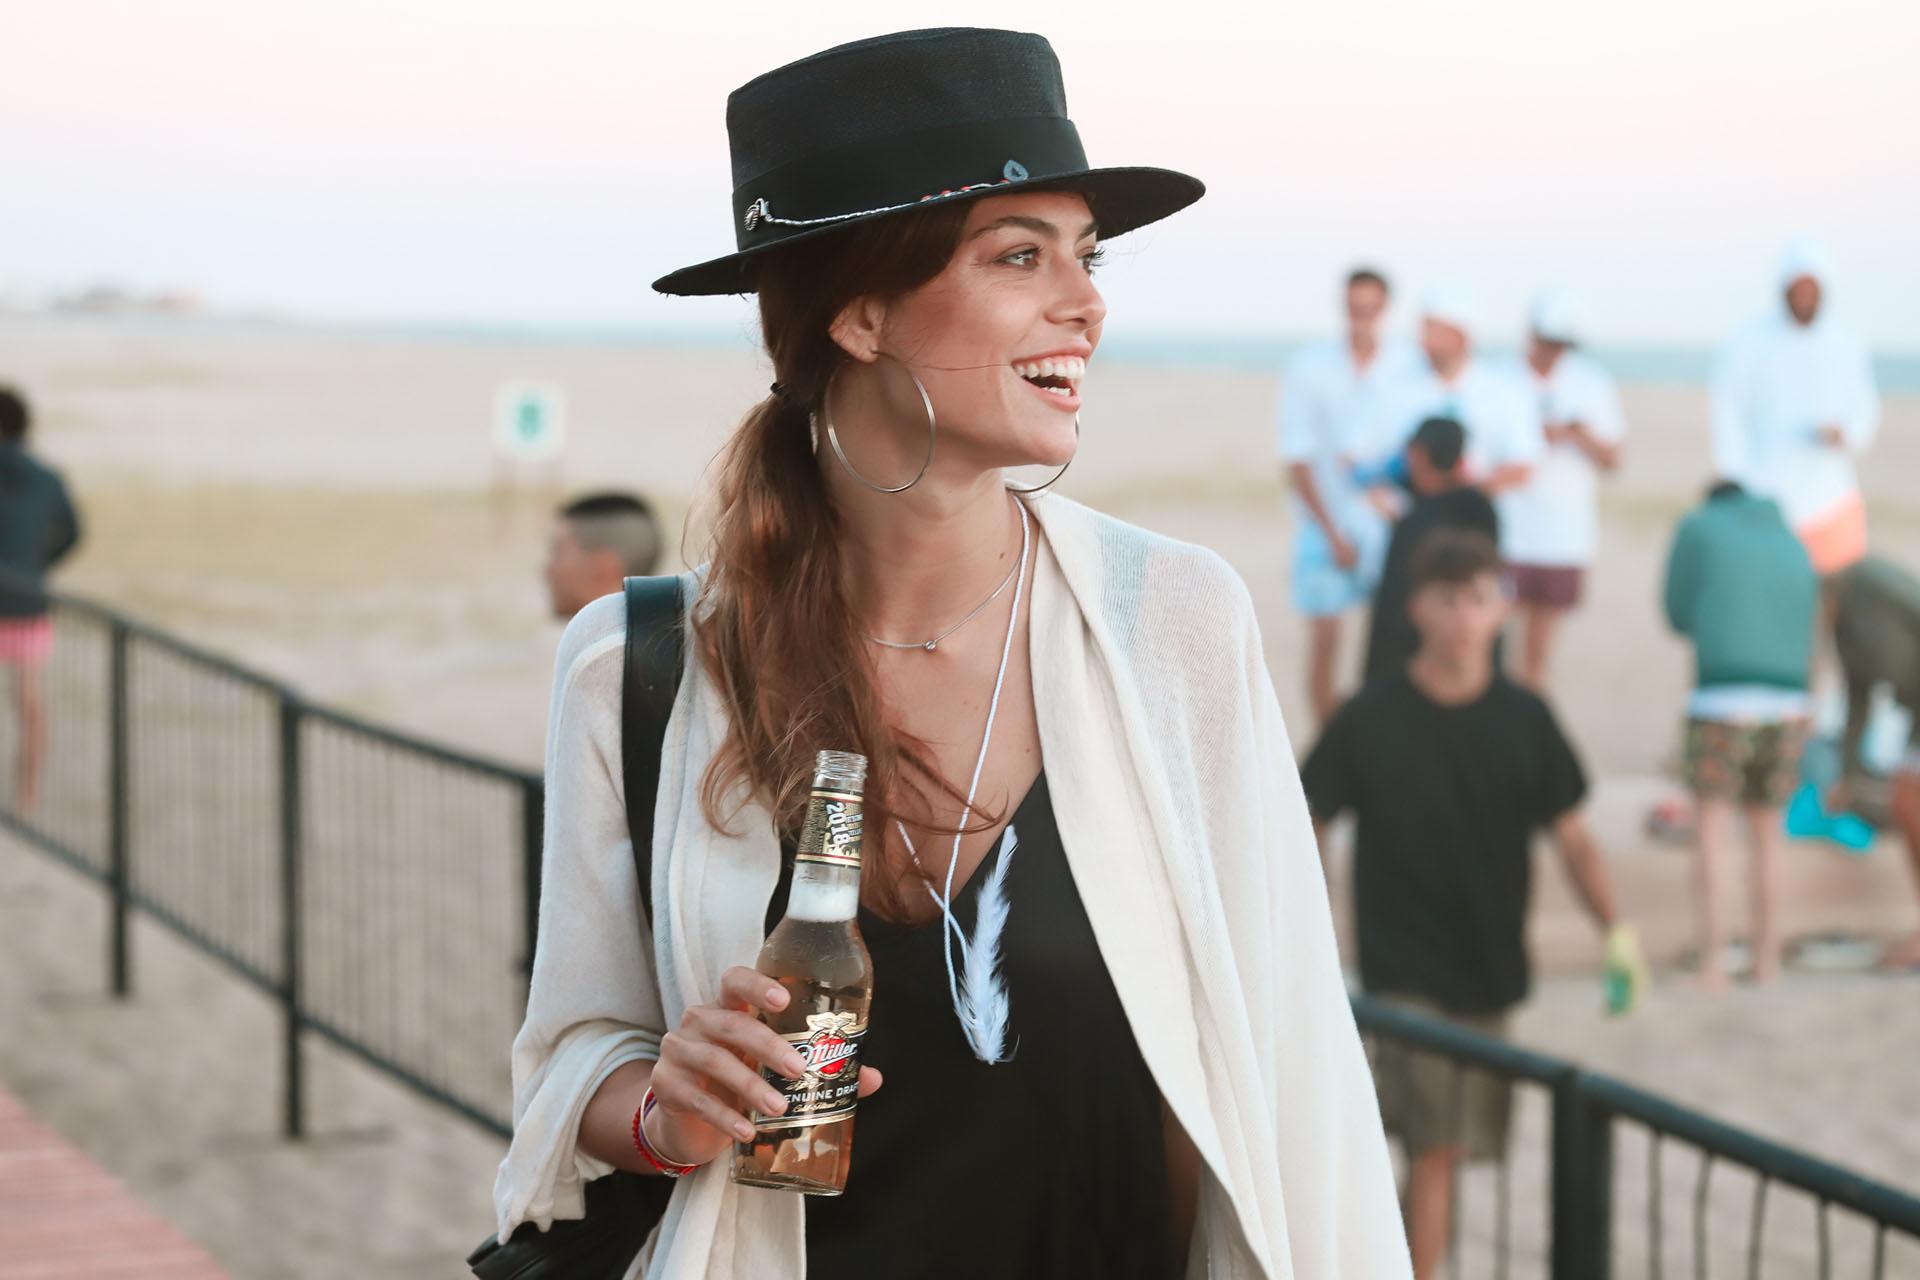 Durante la temporada, Miller también participó en varias fiestas y eventos privados en donde, los amigos de la marca, pudieron disfrutar de una buena cerveza junto a sus amistades en un círculo más íntimo. En la foto, la modelo Anita Sullivan